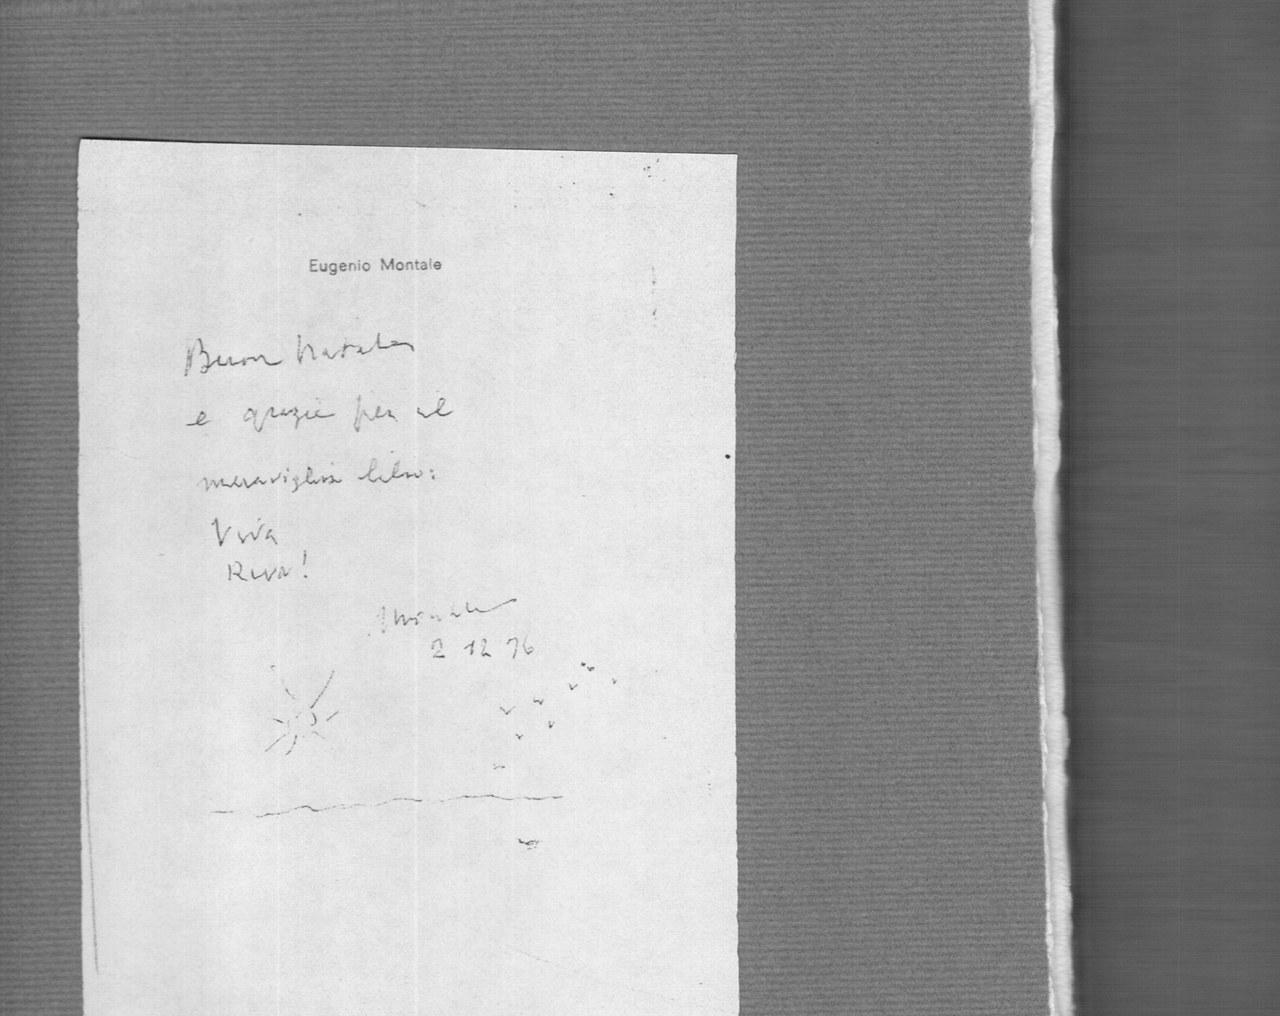 Foglietto di dedica autografo conservato nella copia del libro inpossesso del Museo Bodoniano di Parma